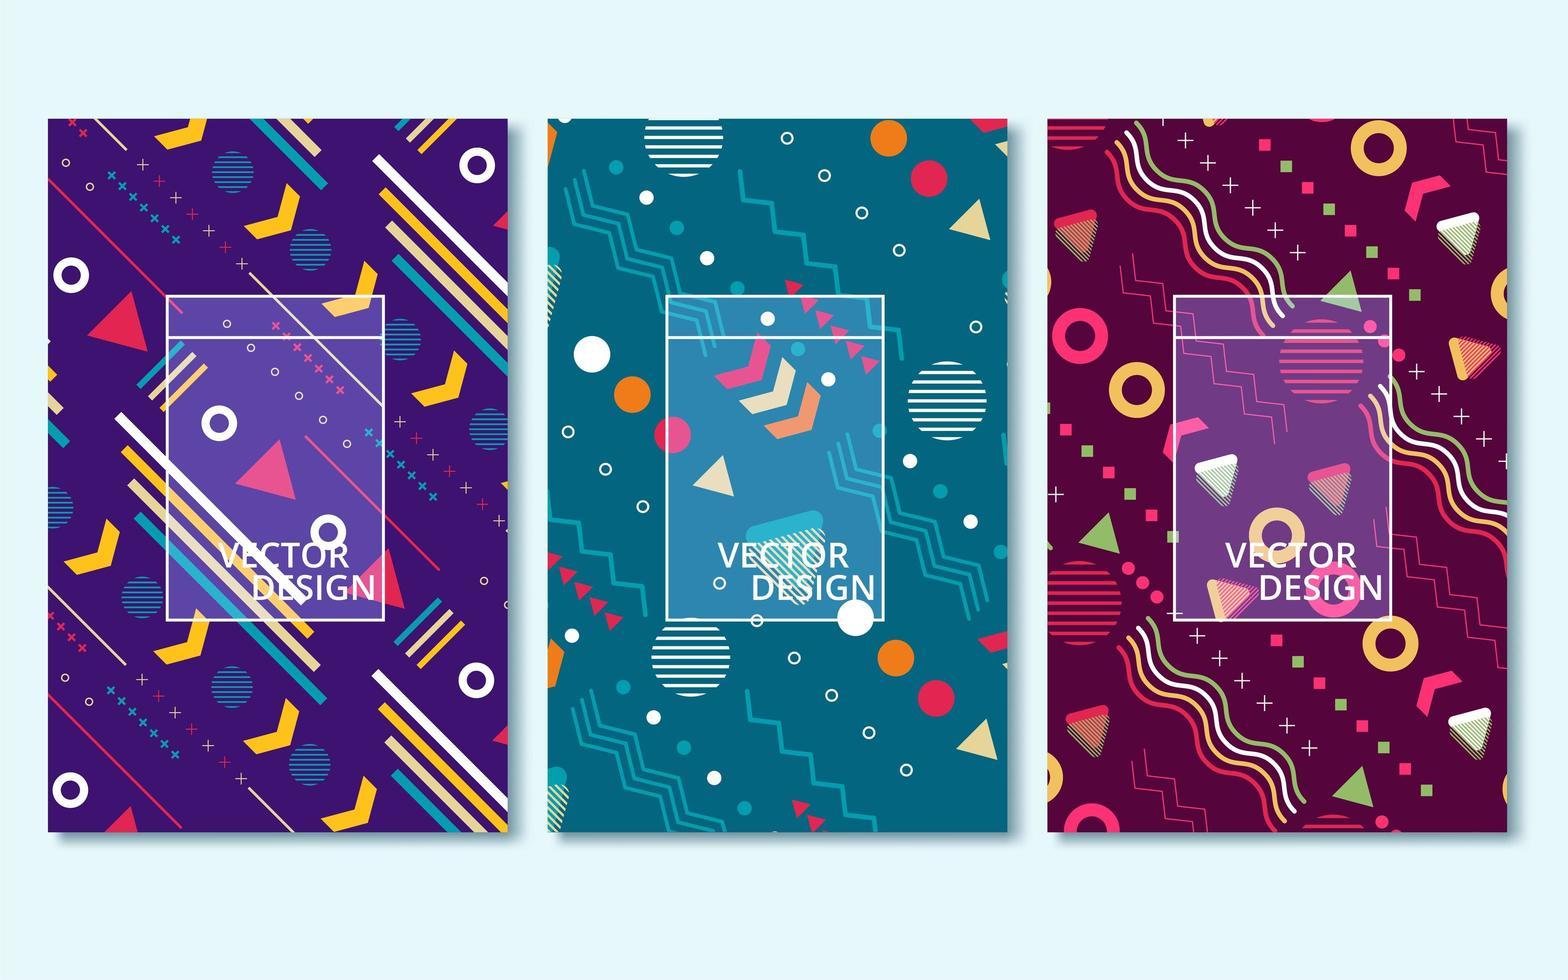 conjunto de tres fondos abstractos de portada vector